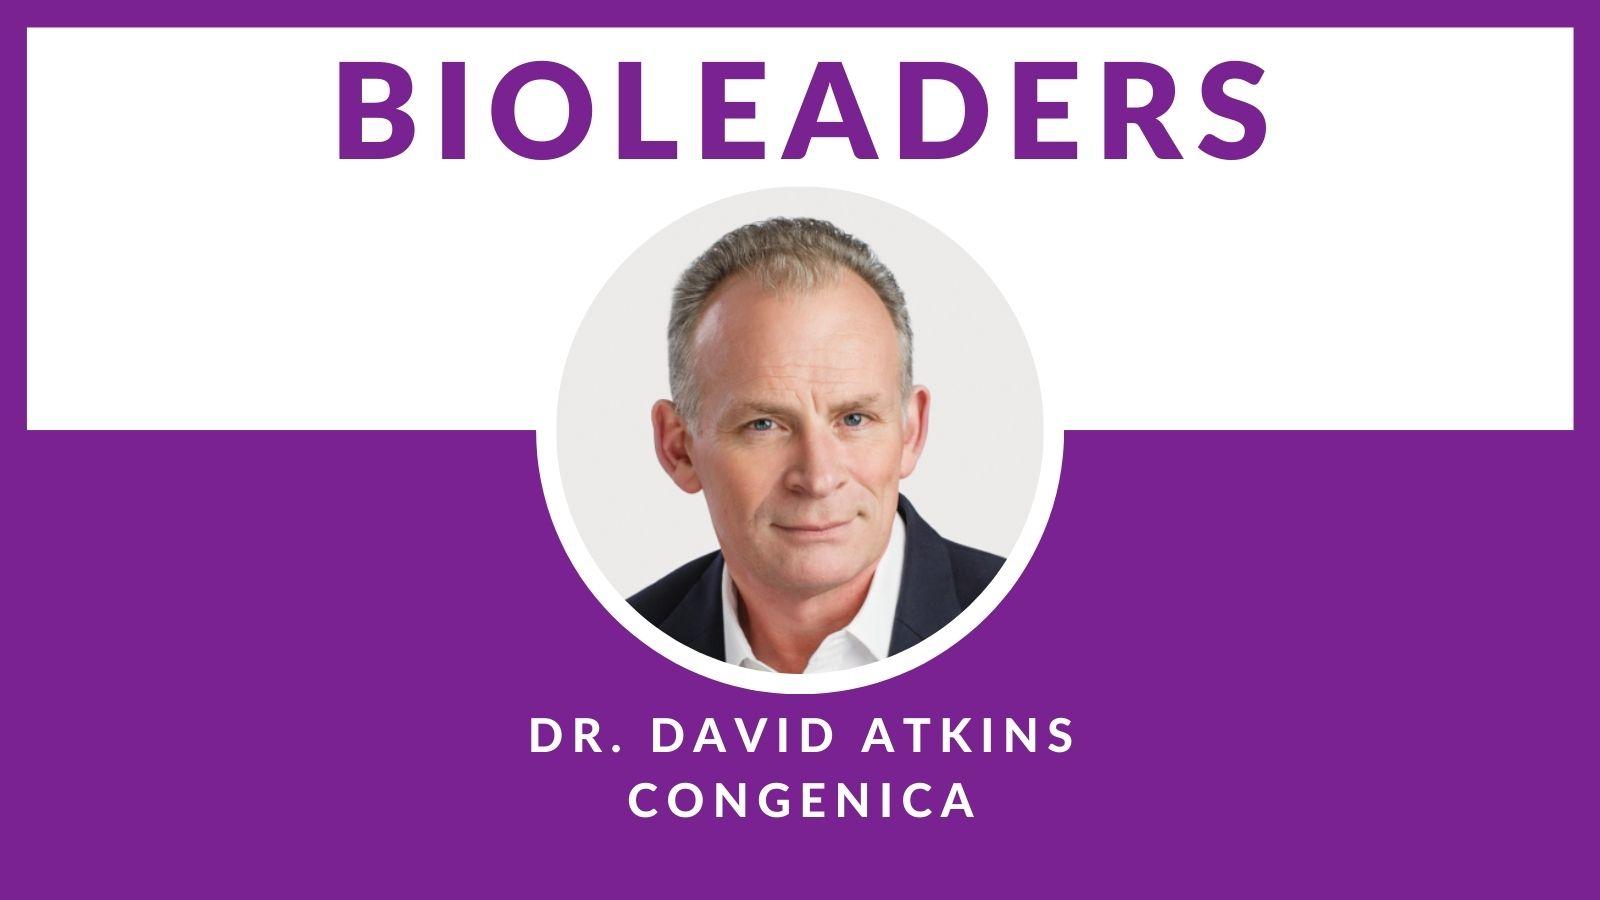 David Atkins BioLeader Interviewee